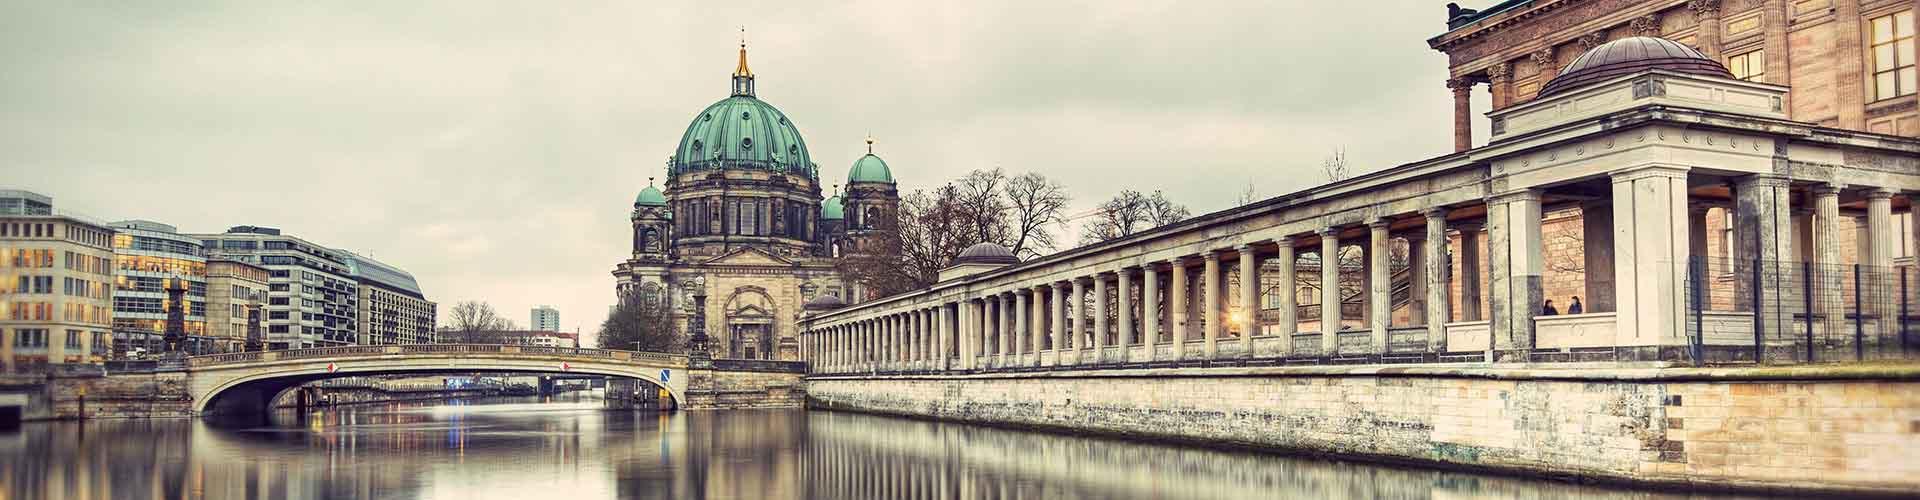 柏林 – 柏林大教堂附近的露营地。柏林地图,柏林每个露营地的照片和评价。